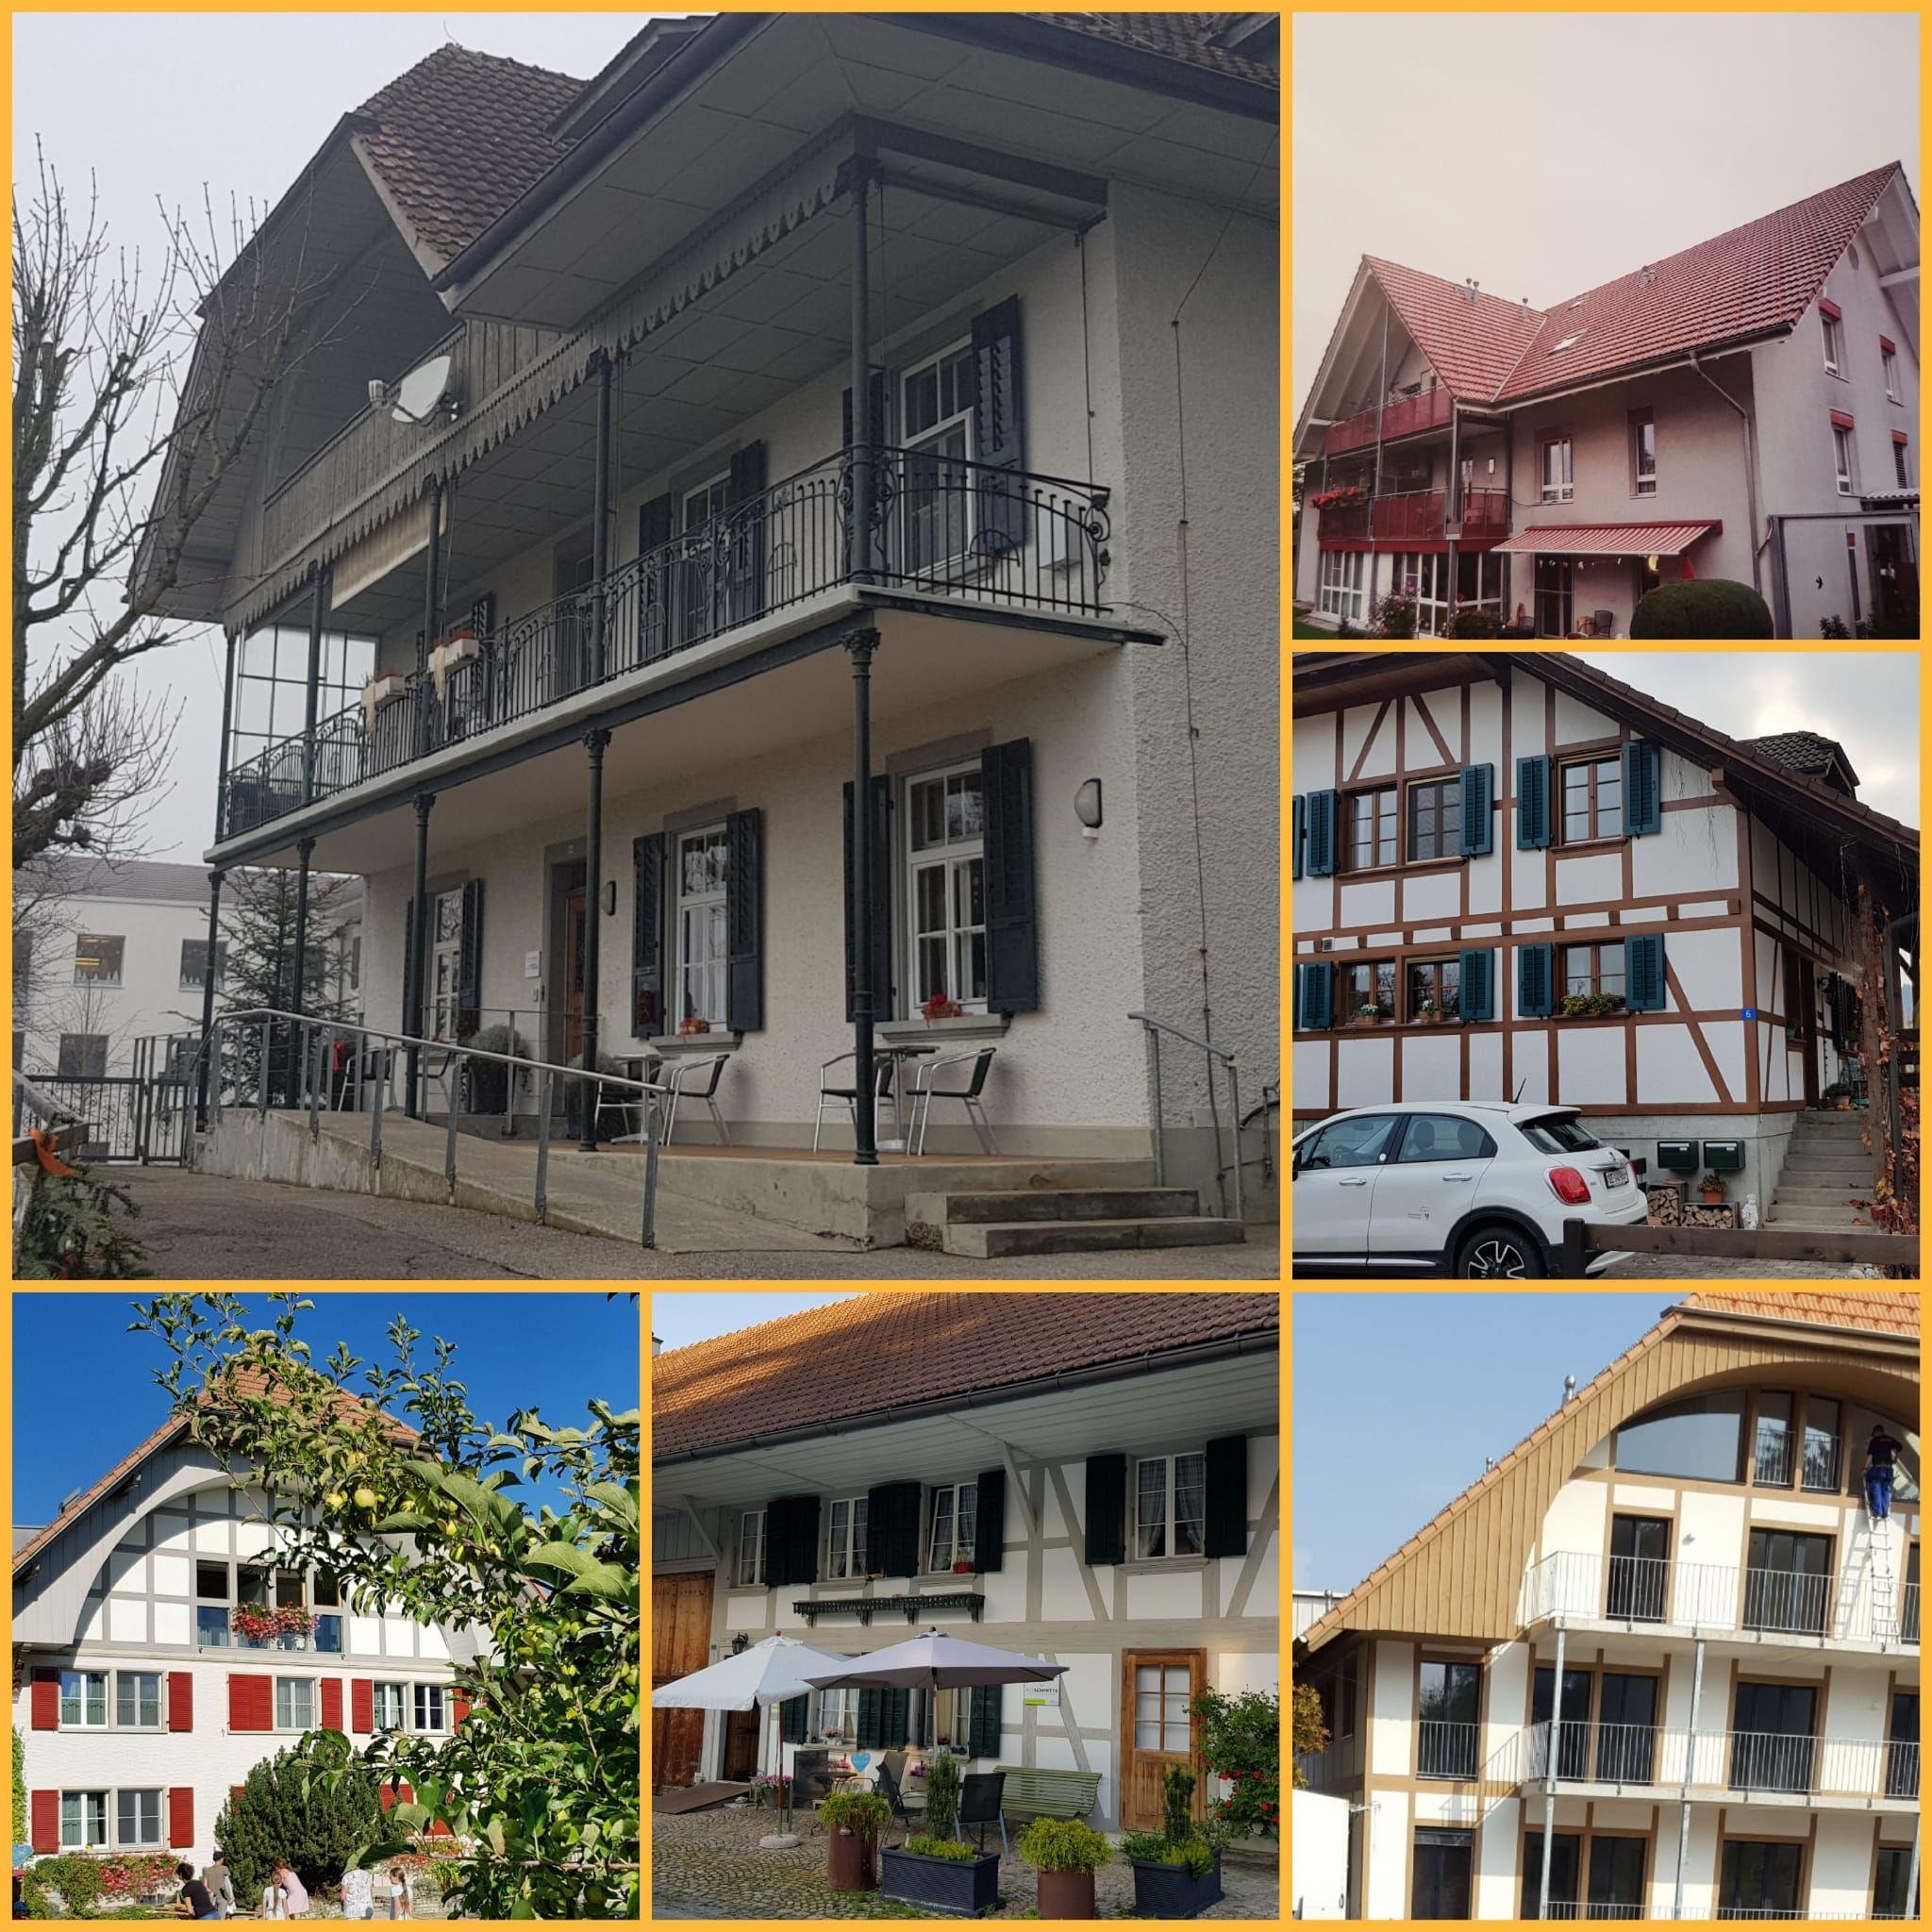 Zum Danielsburg-Netzwerk gehören nebst dem Alters- und Pflegeheim Buechibärg die Dépendance Hofschmitte Messen, der Seniorenhof Iffwil, die Dépendance Chronehof Schnottwil und das Seniorenhuus Moosseedorf.